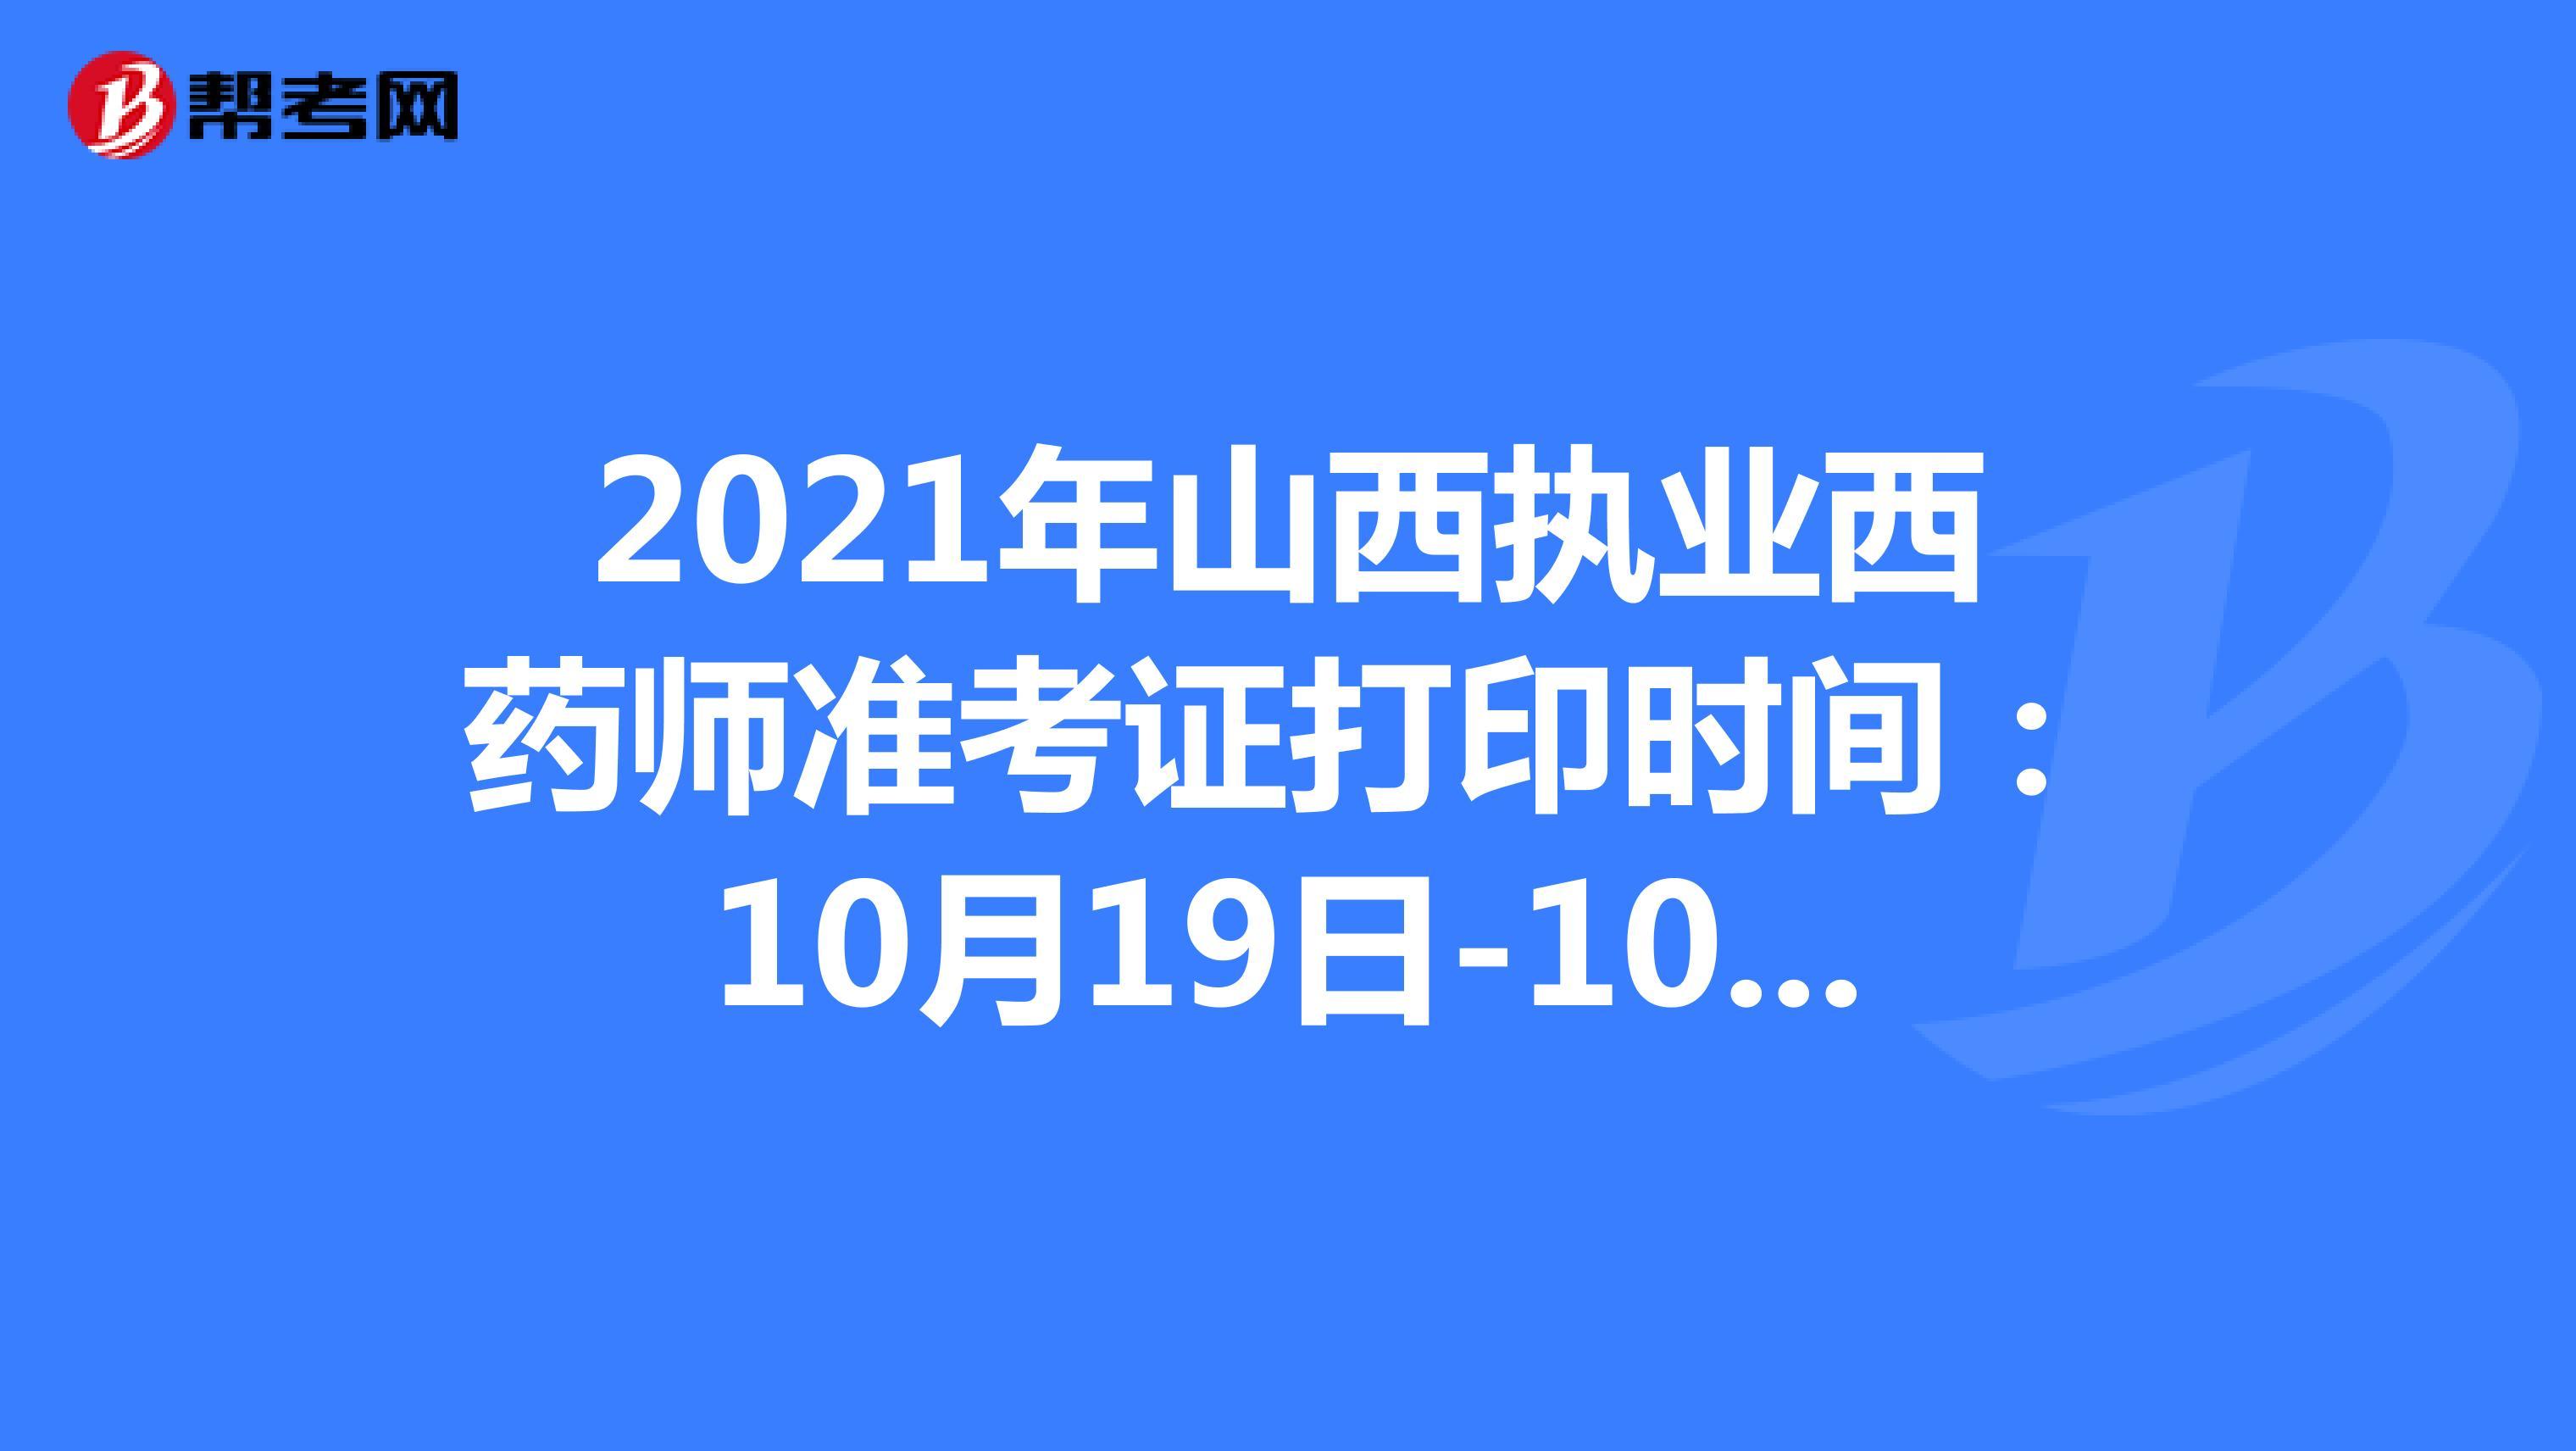 2021年山西执业西药师准考证打印时间:10月19日-10月22日